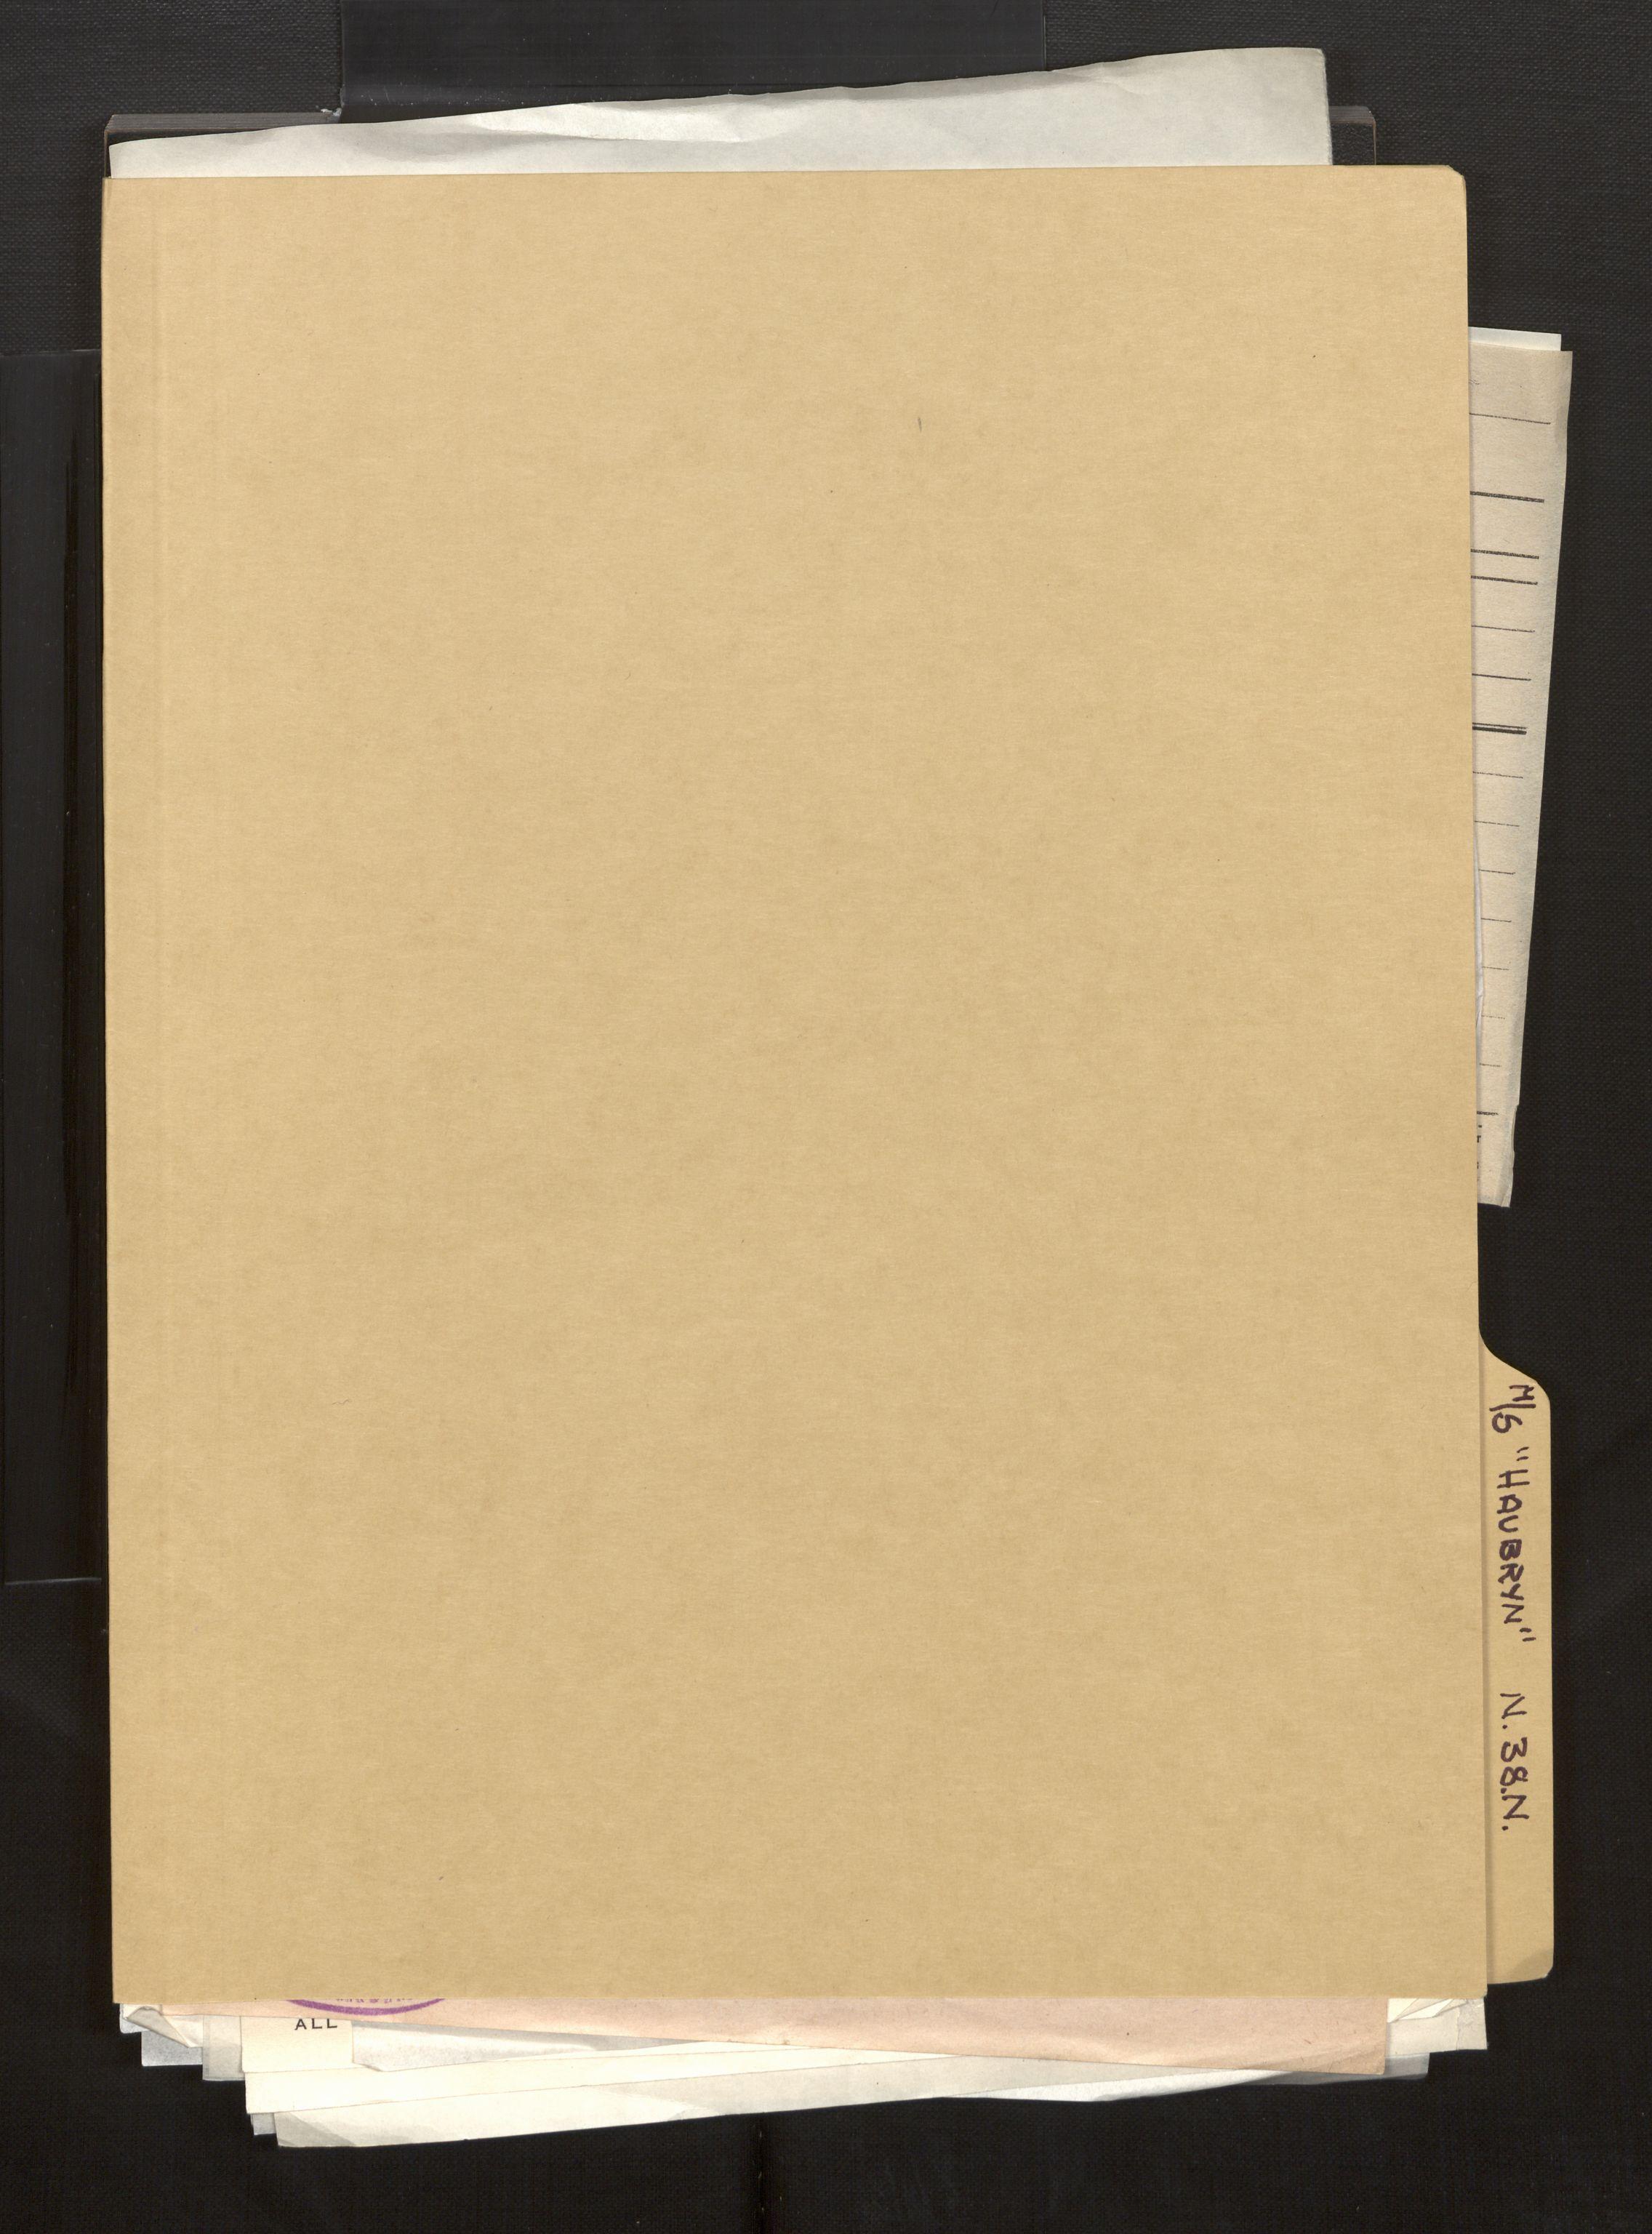 SAB, Fiskeridirektoratet - 1 Adm. ledelse - 13 Båtkontoret, La/L0042: Statens krigsforsikring for fiskeflåten, 1936-1971, s. 715